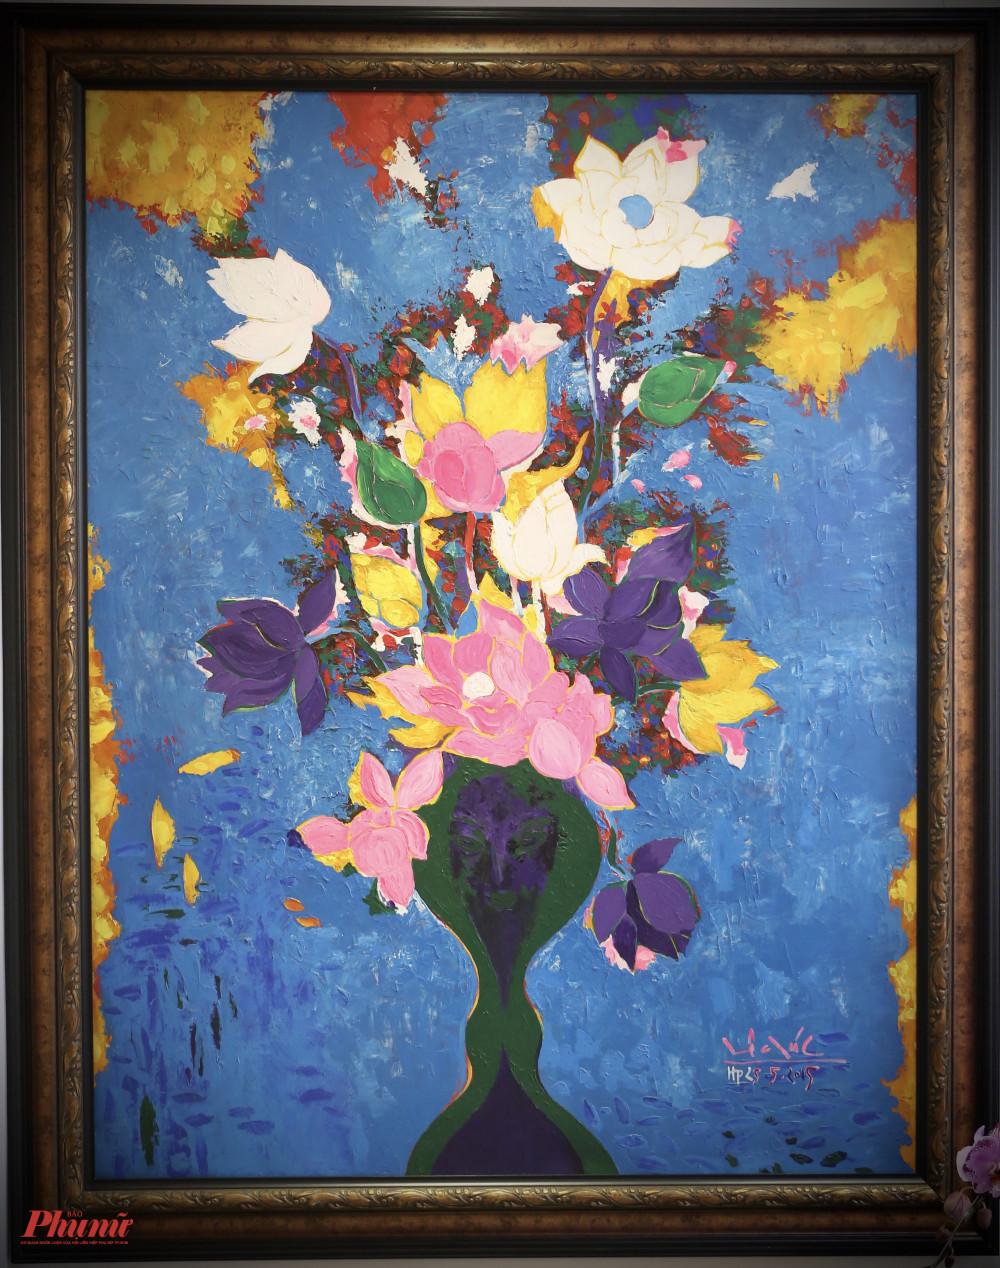 Bức Hoa được hoạ sĩ Lê Đại Chúc vẽ vào năm 2015.